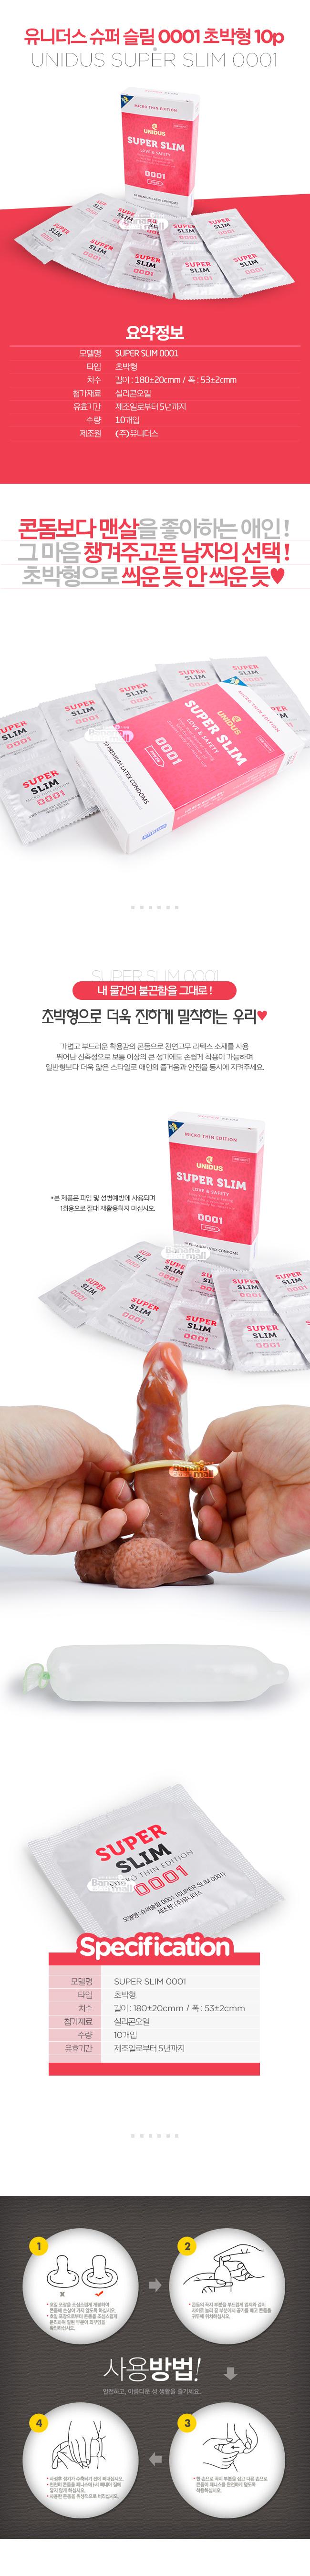 [초박형] 유니더스 슈퍼 슬림 0001 초박형 10p(Unidus Super SLim 0001)